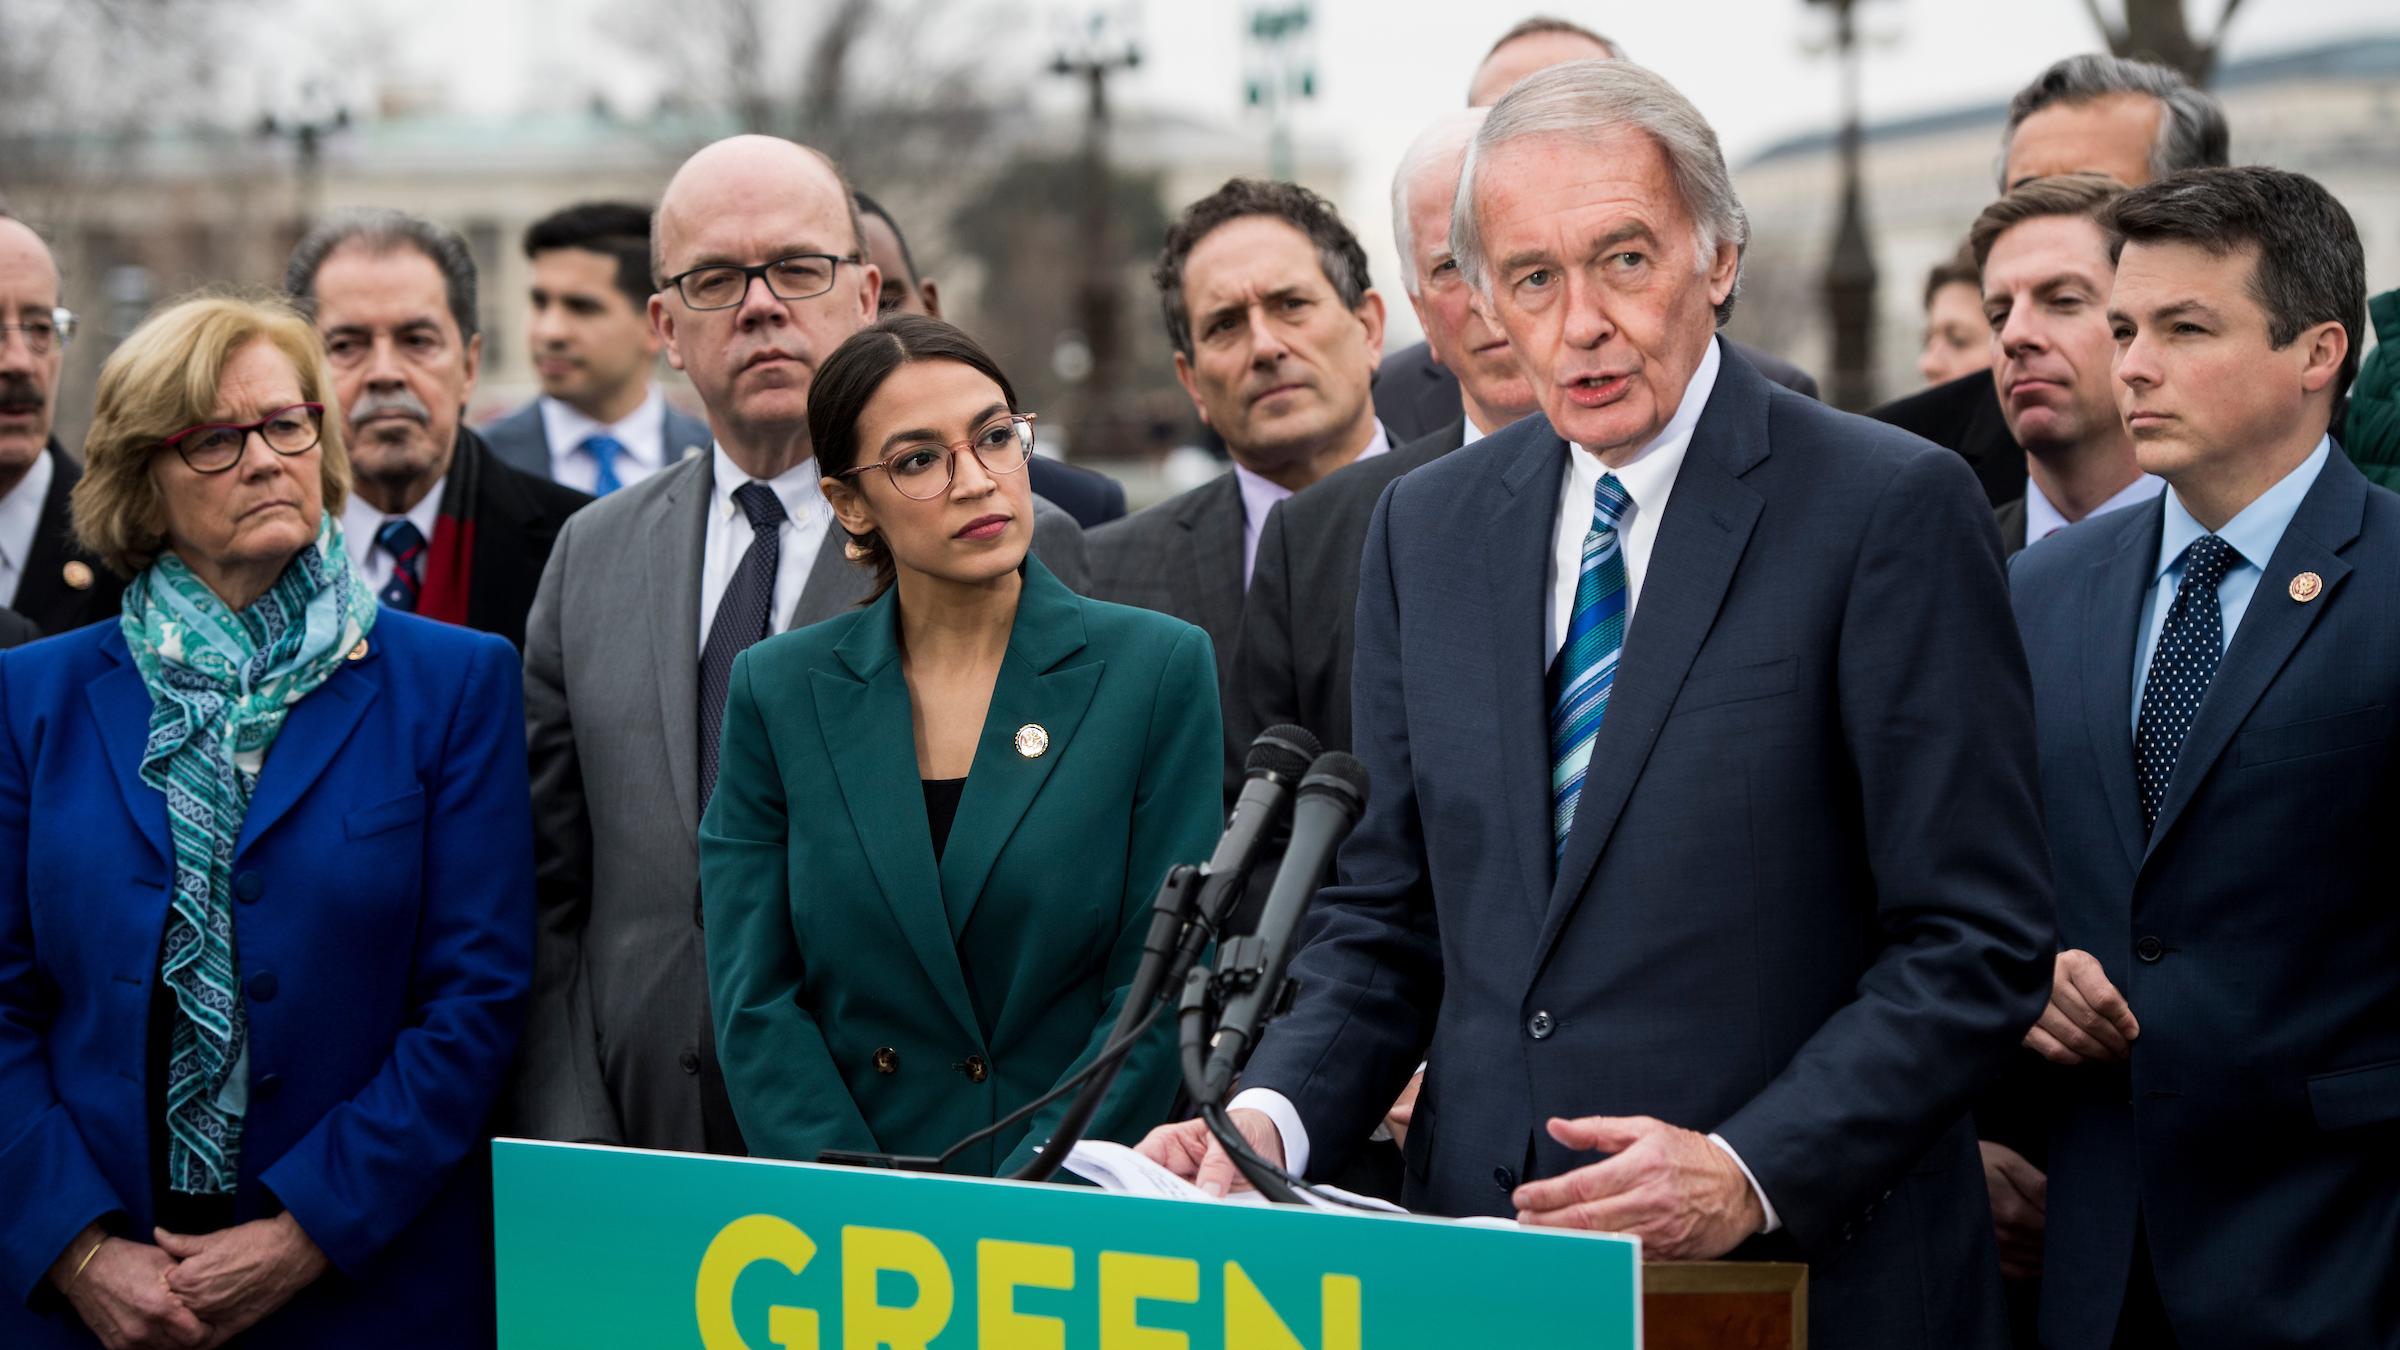 New York City's progressive elites gambled and lost over Amazon